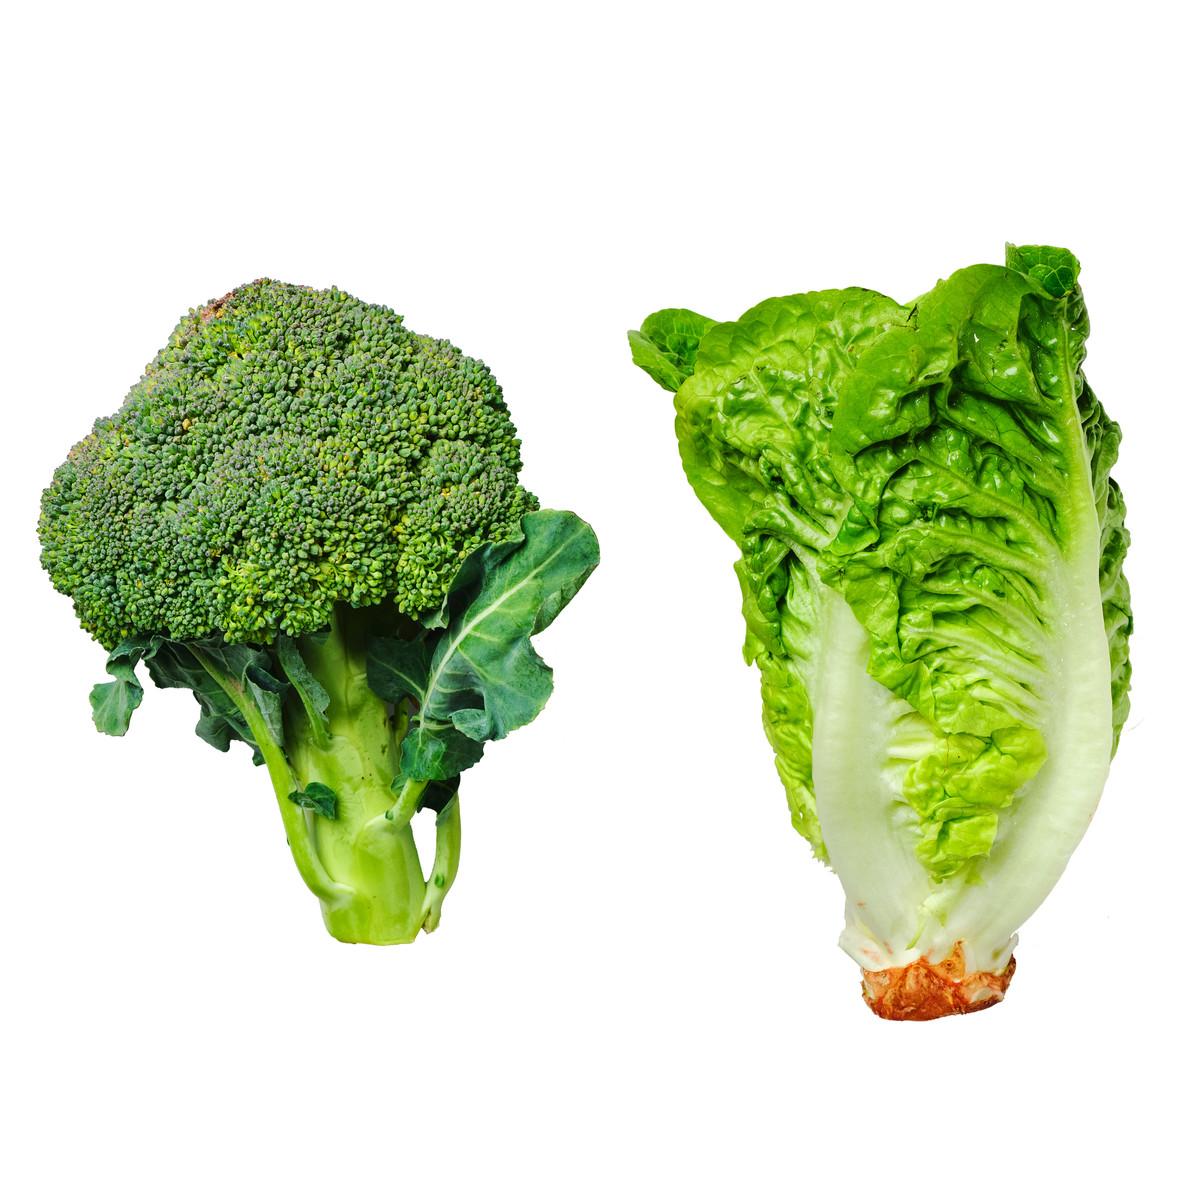 20200228_Gemüse:Obst_Freisteller_36.jpg